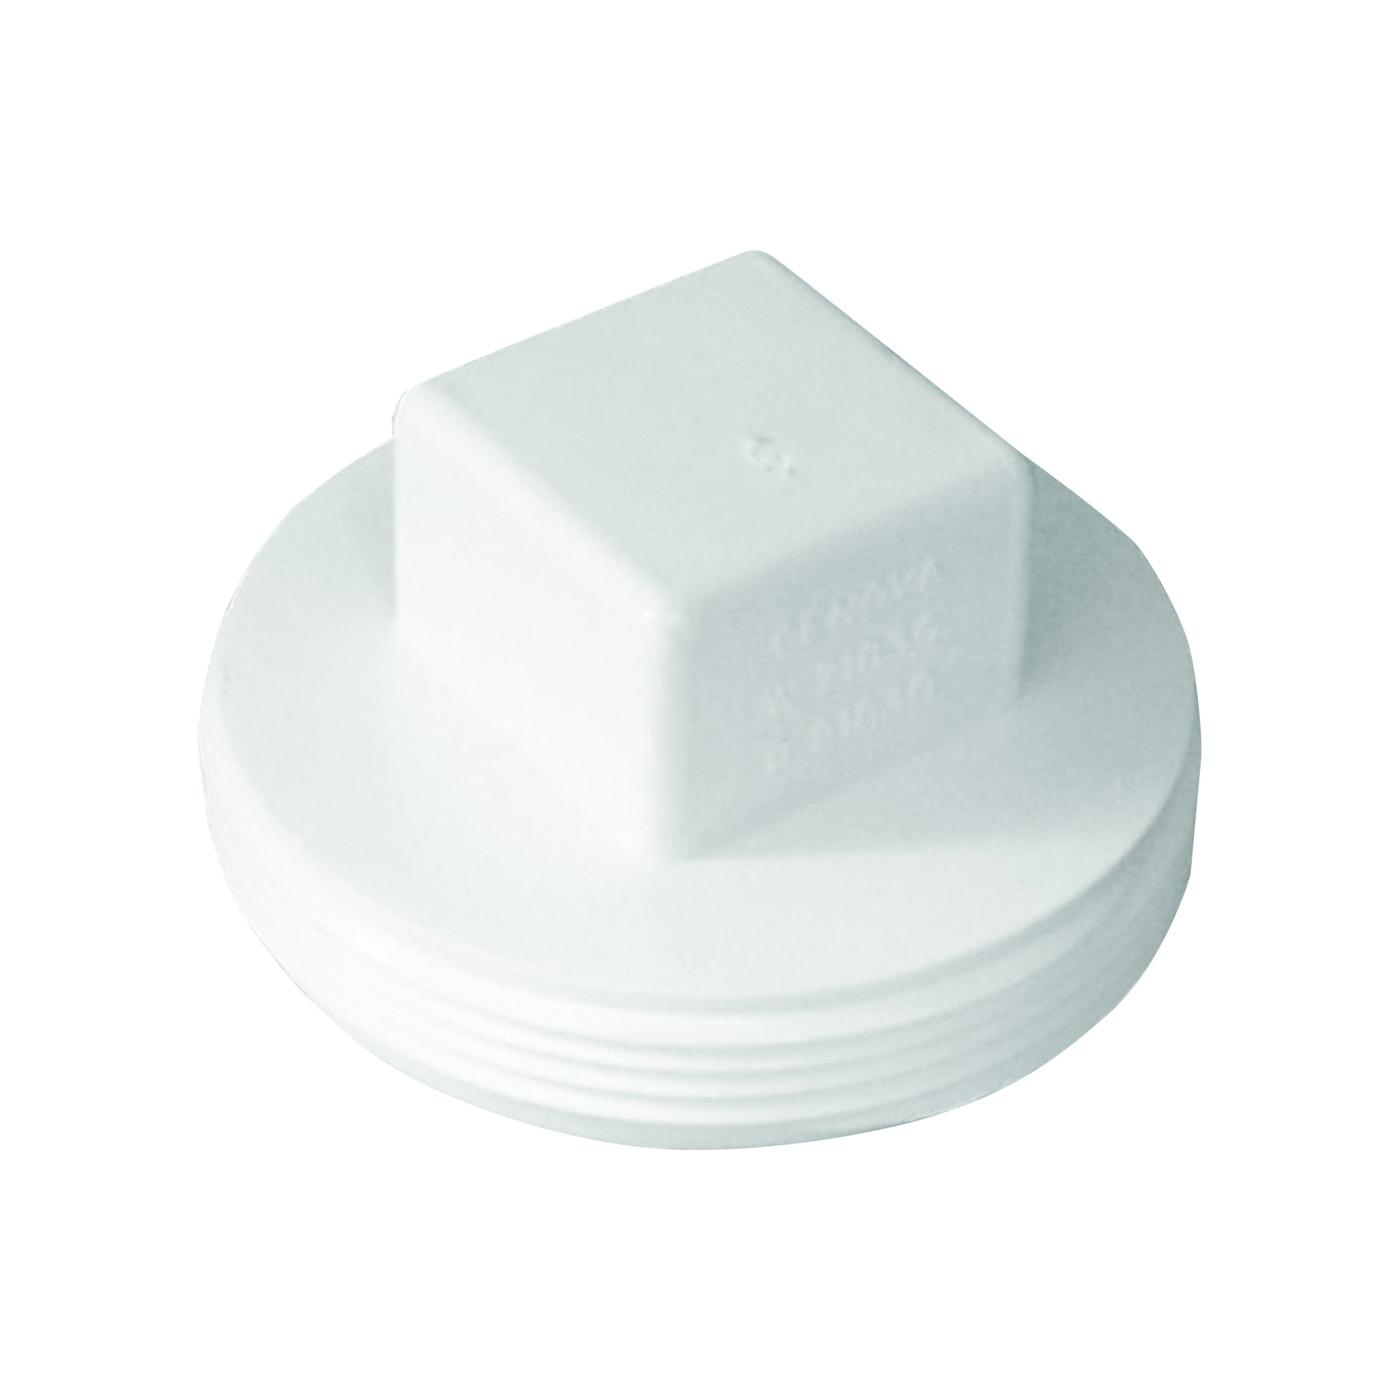 Picture of GENOVA 41840 Pipe Plug, 4 in, MIP, PVC, White